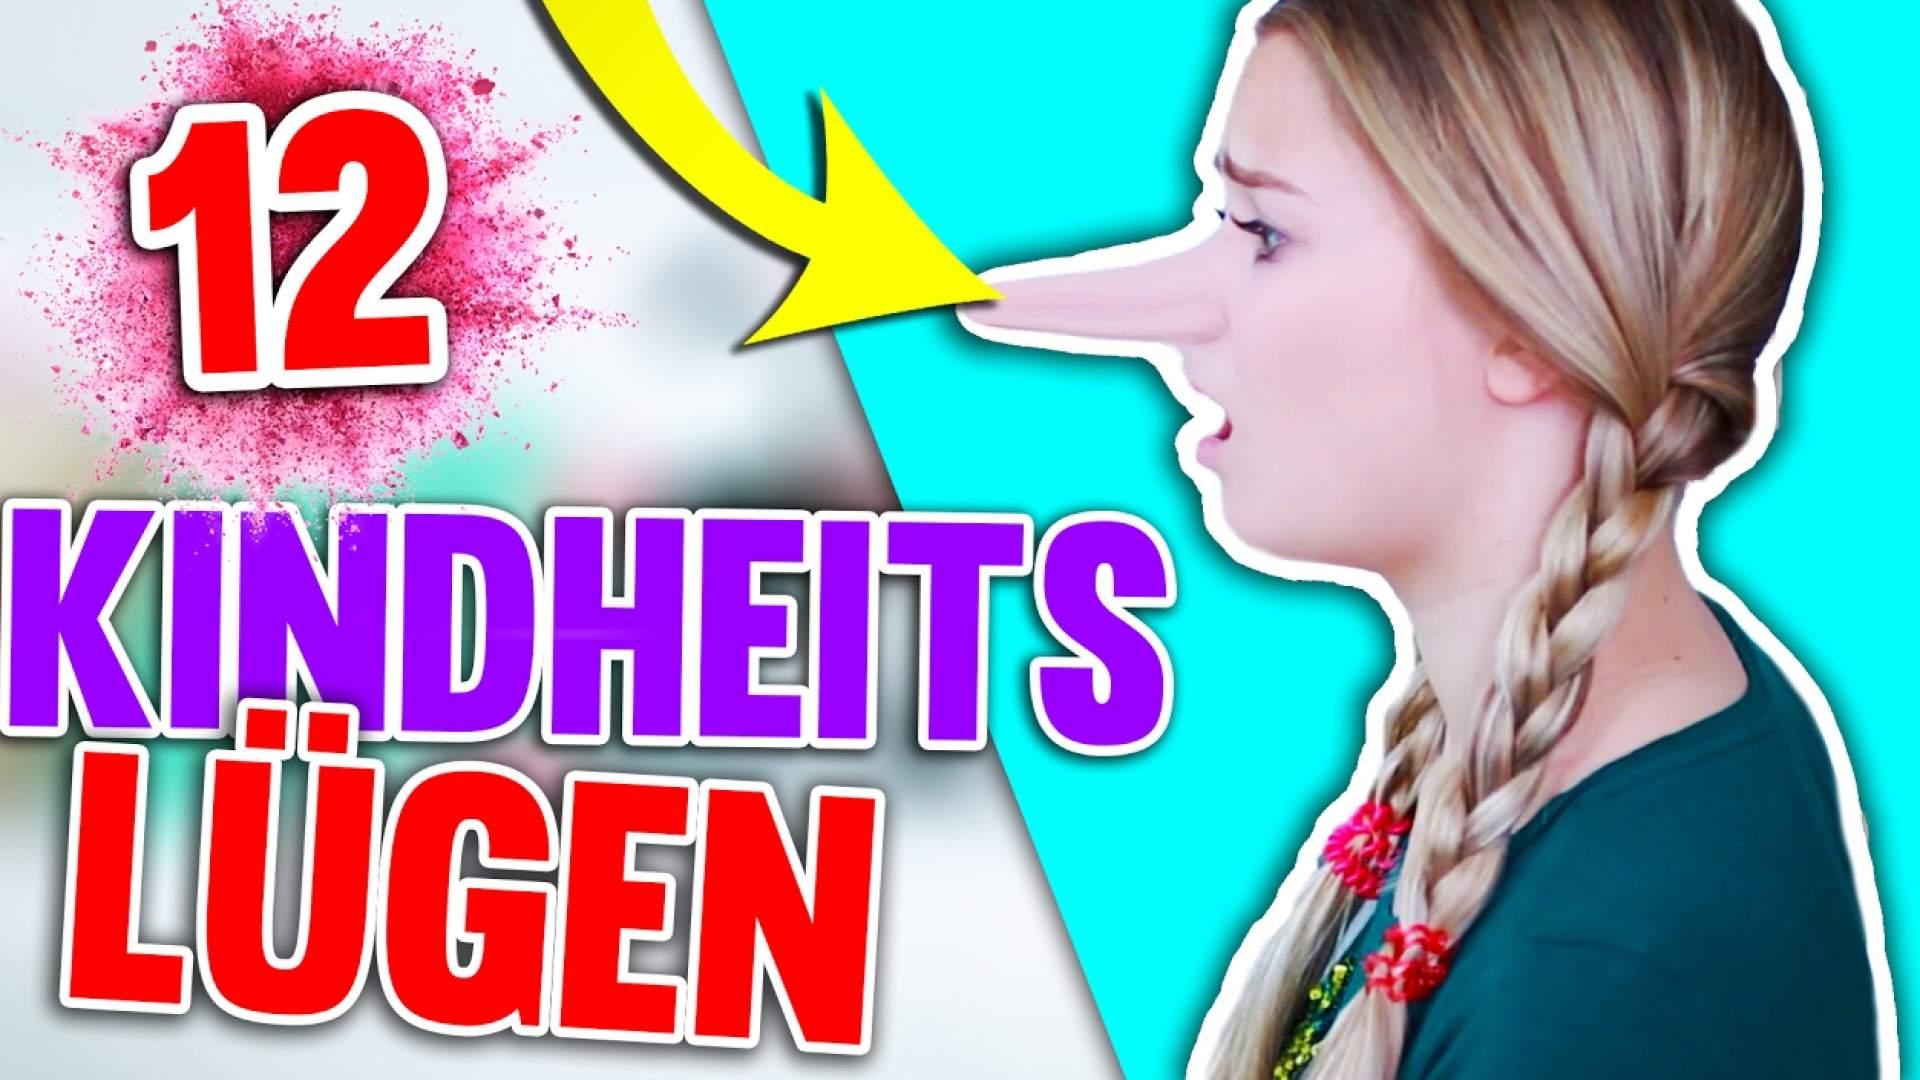 VIDEO: 12 bescheuerte Lügen, die du als Kind früher geglaubt hast